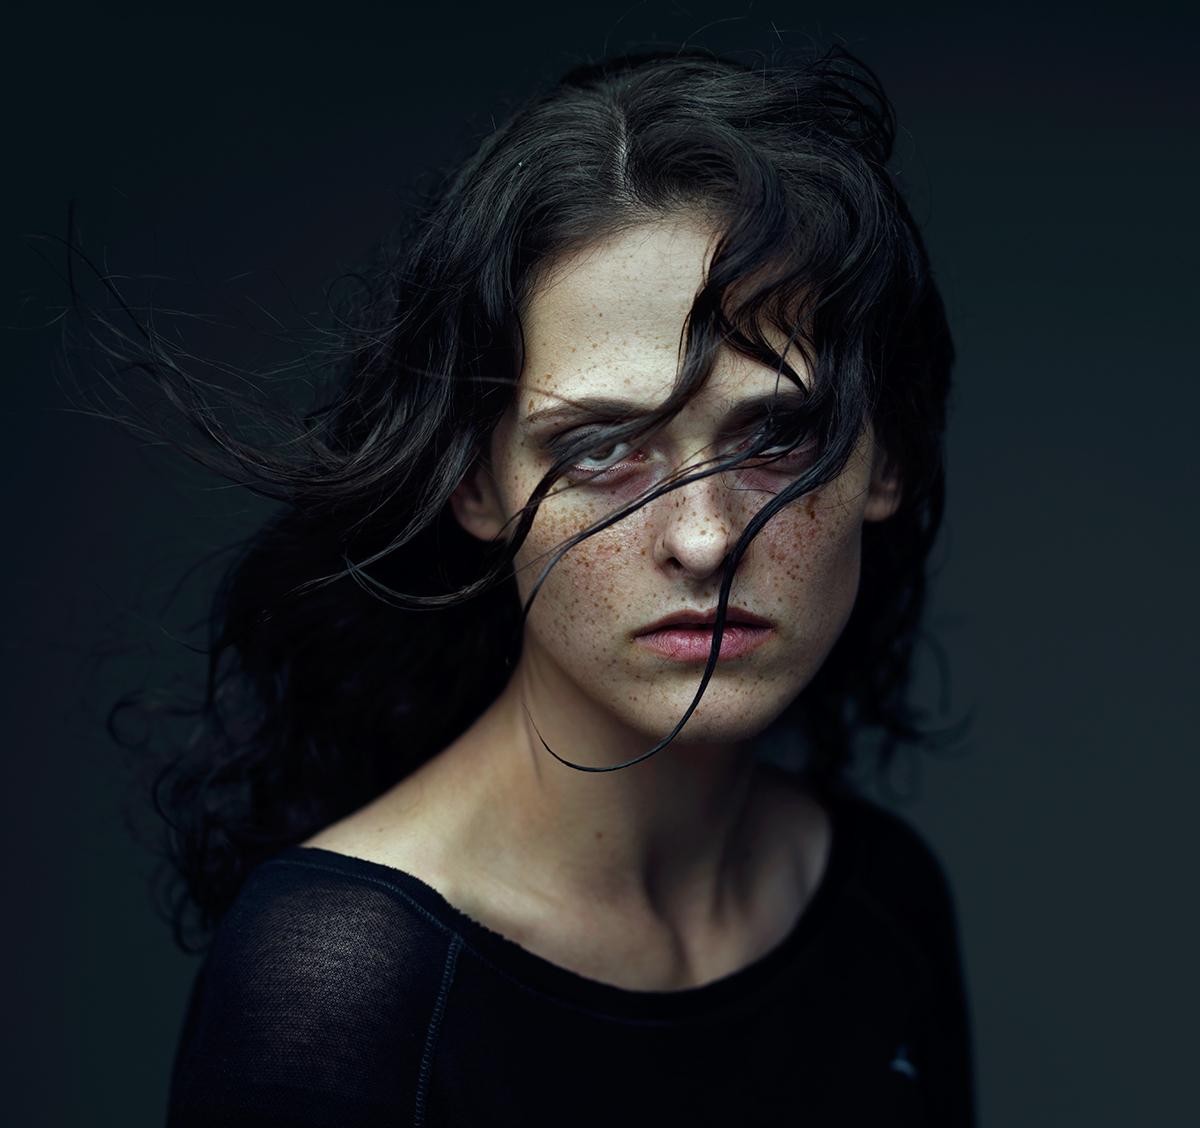 portrety fotograf Dmitriy Ageev 2